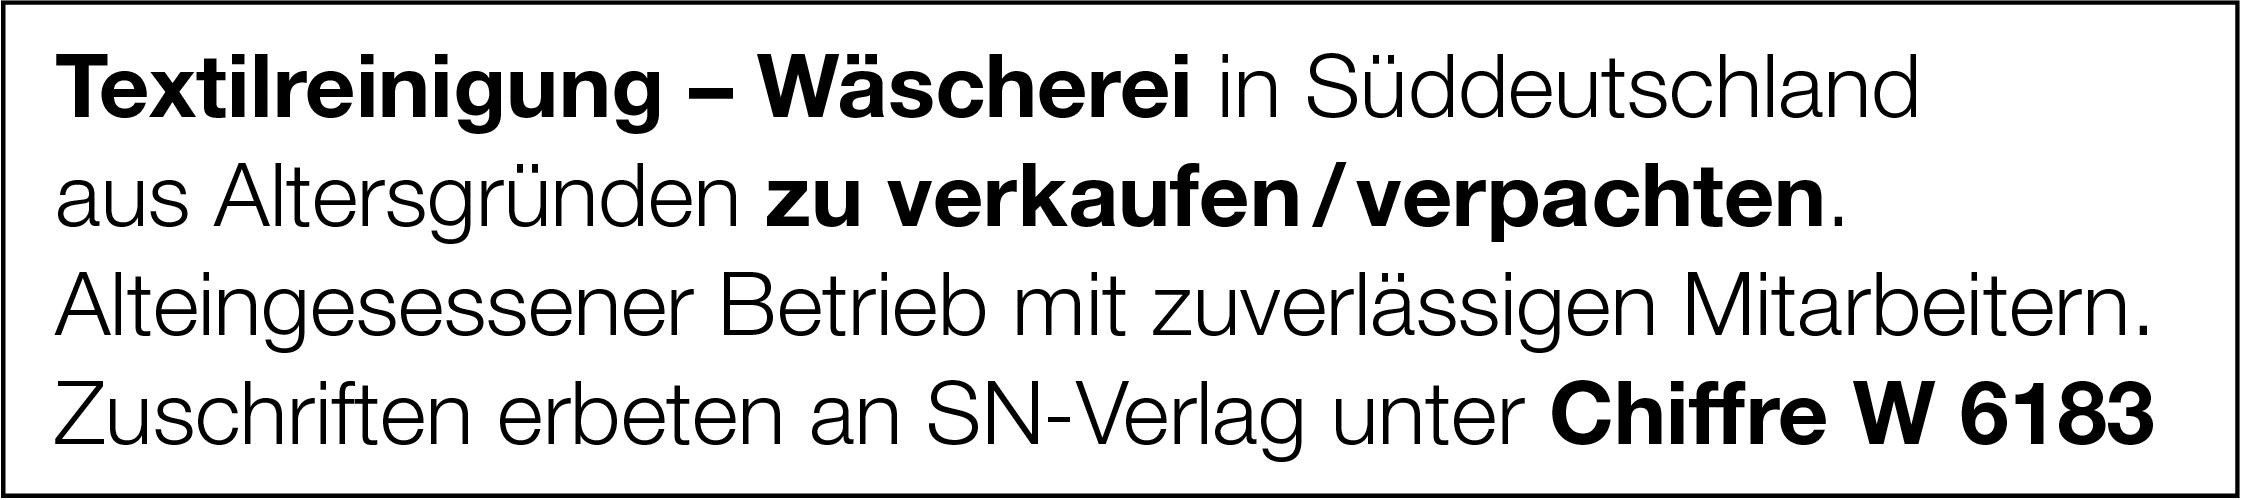 Textilreinigung - Wäscherei in Süddeutschland zu verkaufen / verpachten